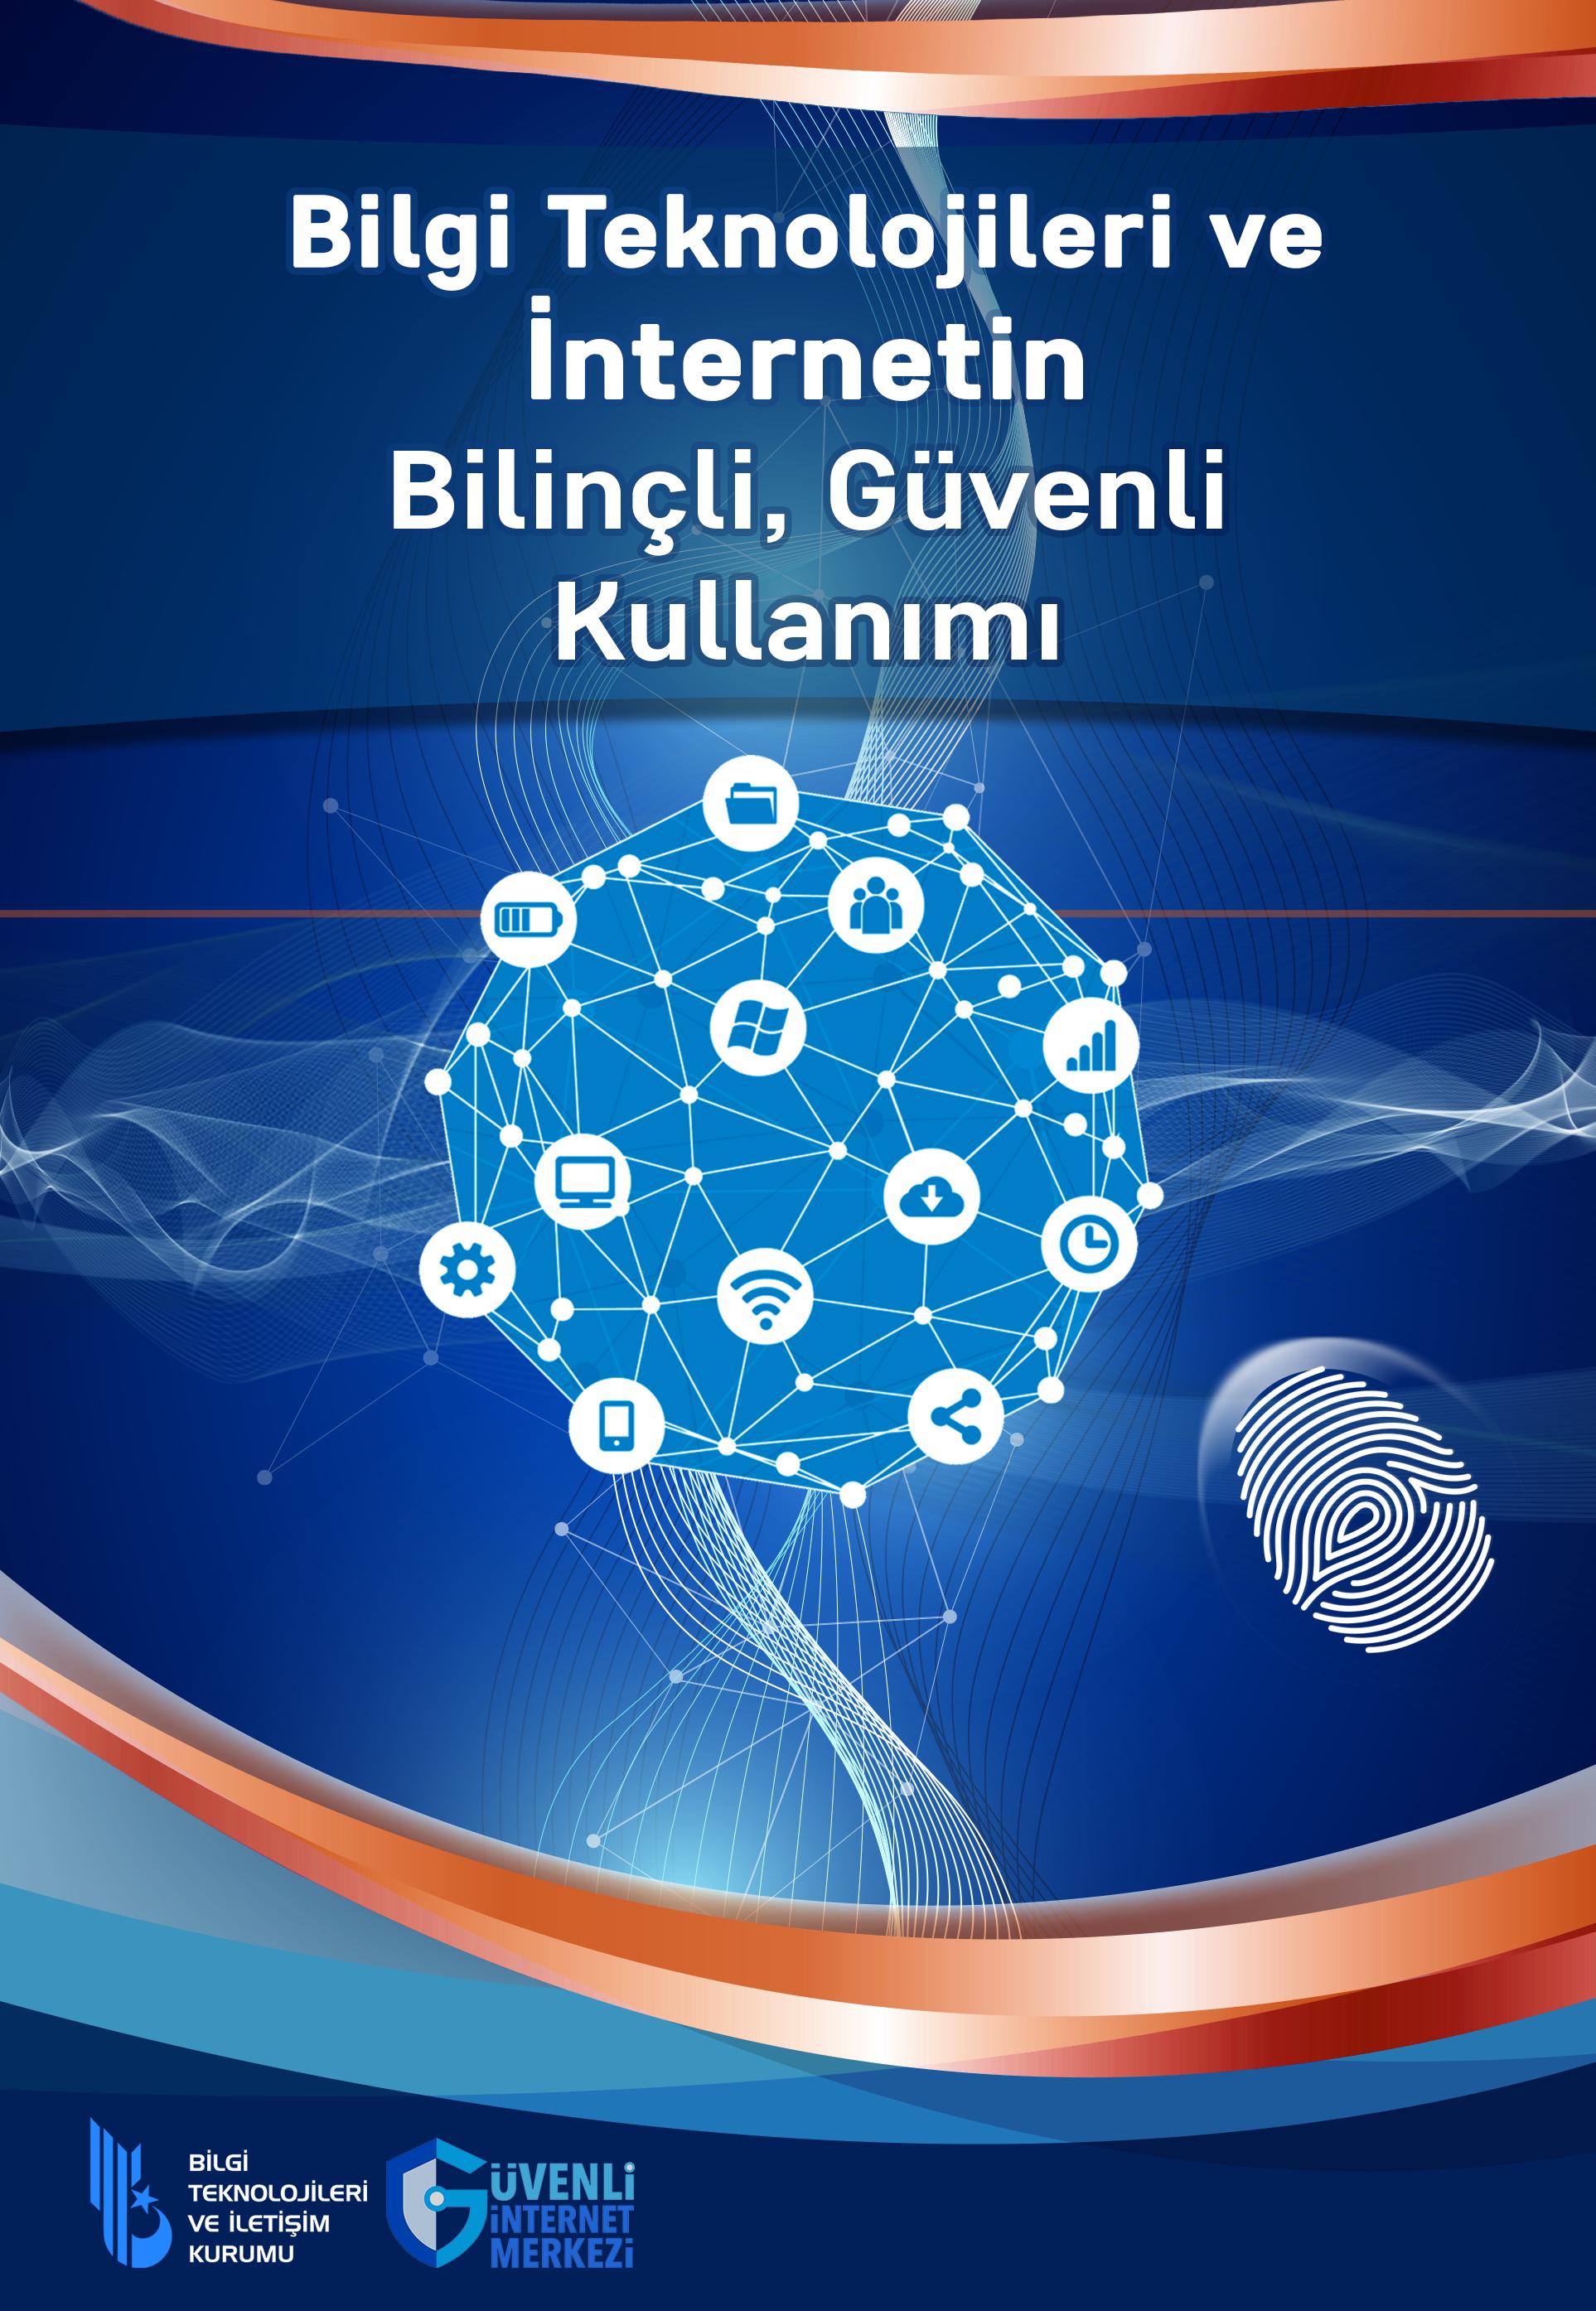 Bilgi Teknolojileri ve İnternetin Bilinçli, Güvenli Kullanımı Kitabı